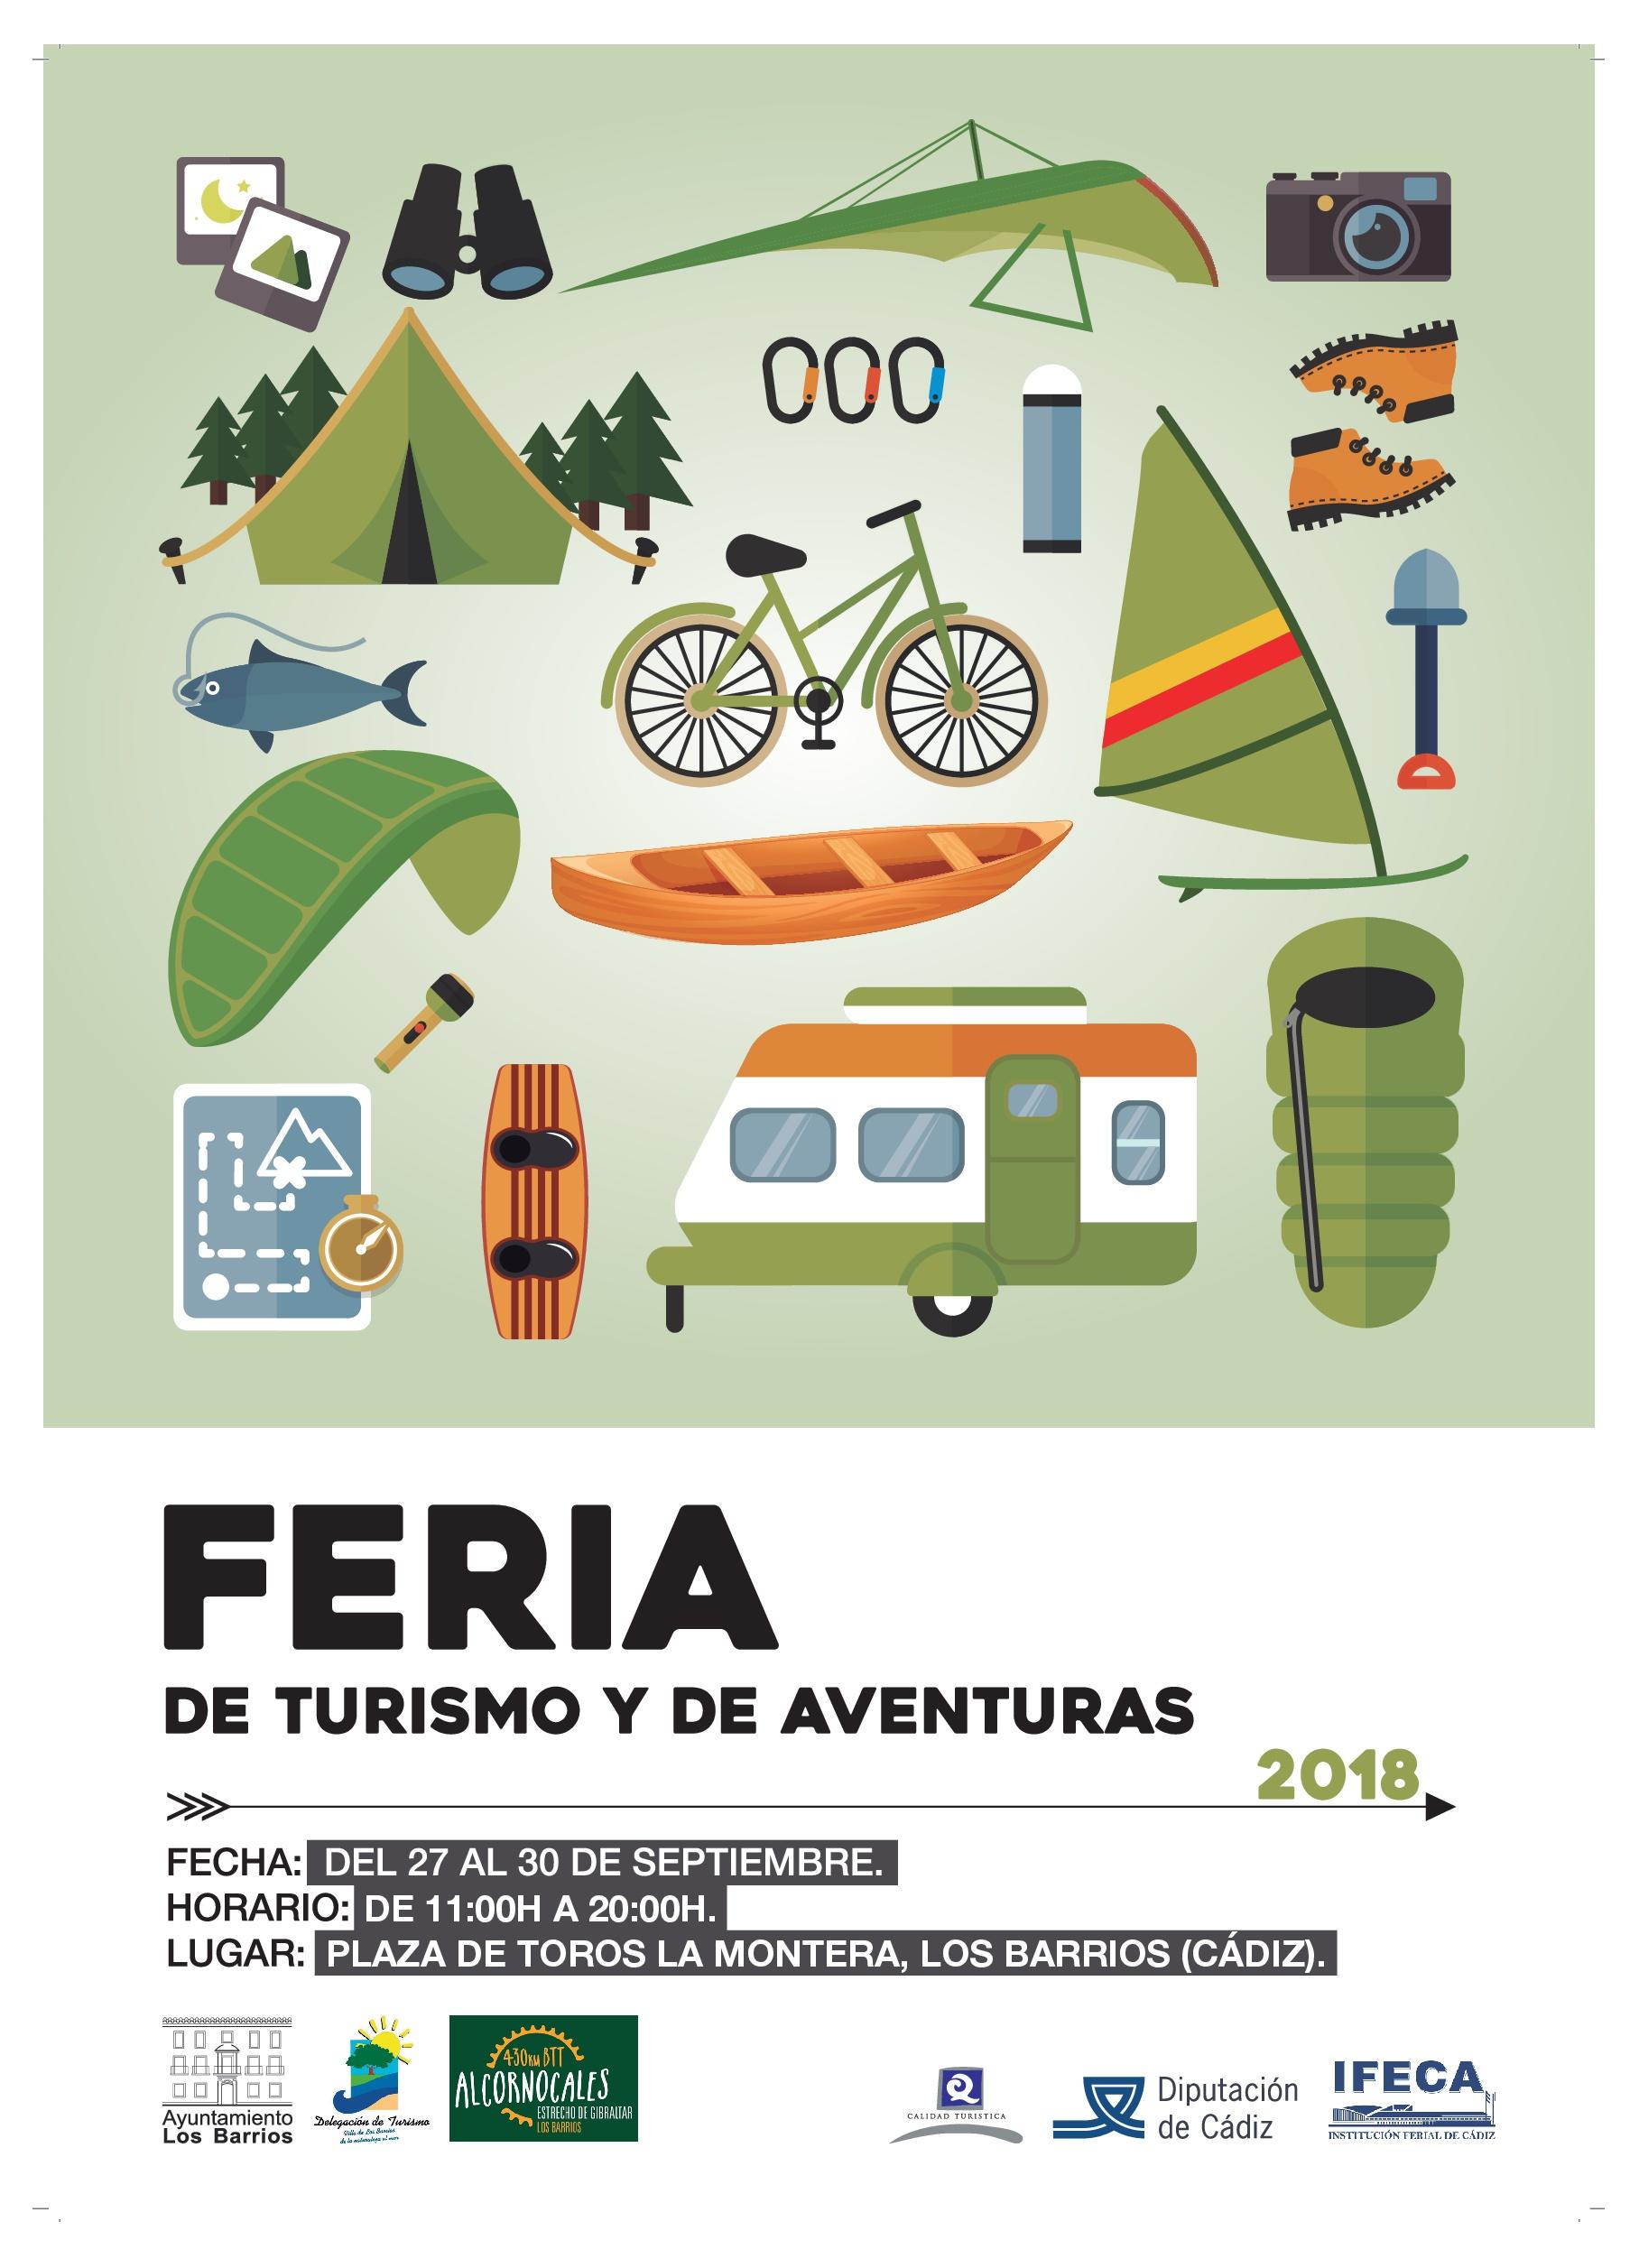 Los Barrios mostrará su potencial turístico en la I Feria de Turismo y Aventuras